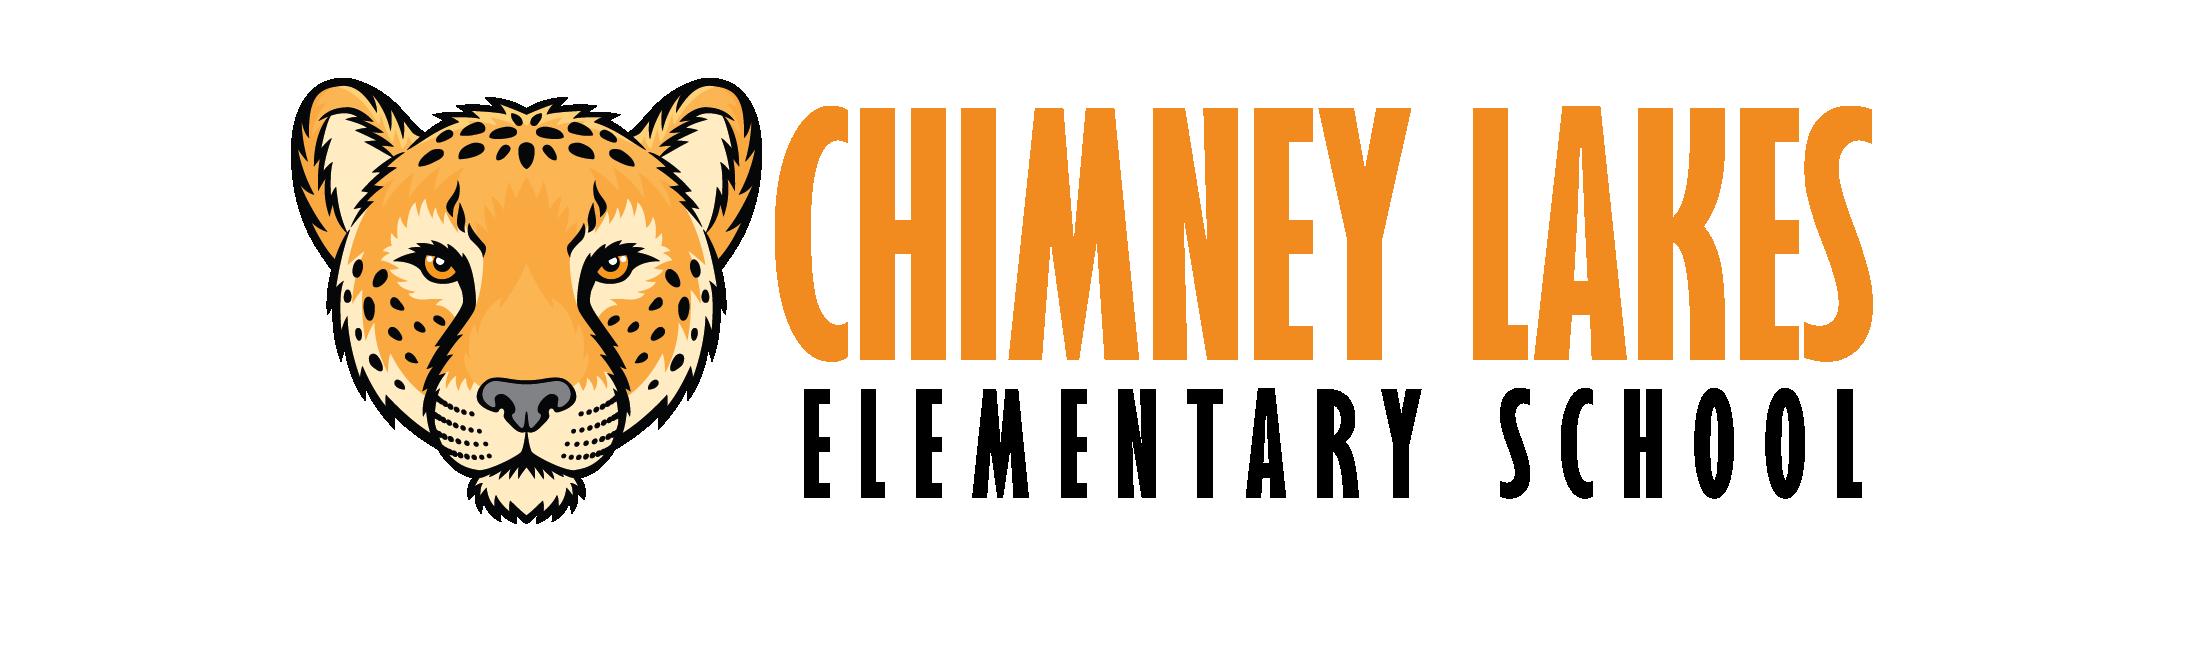 Chimney Lakes Elementary School logo